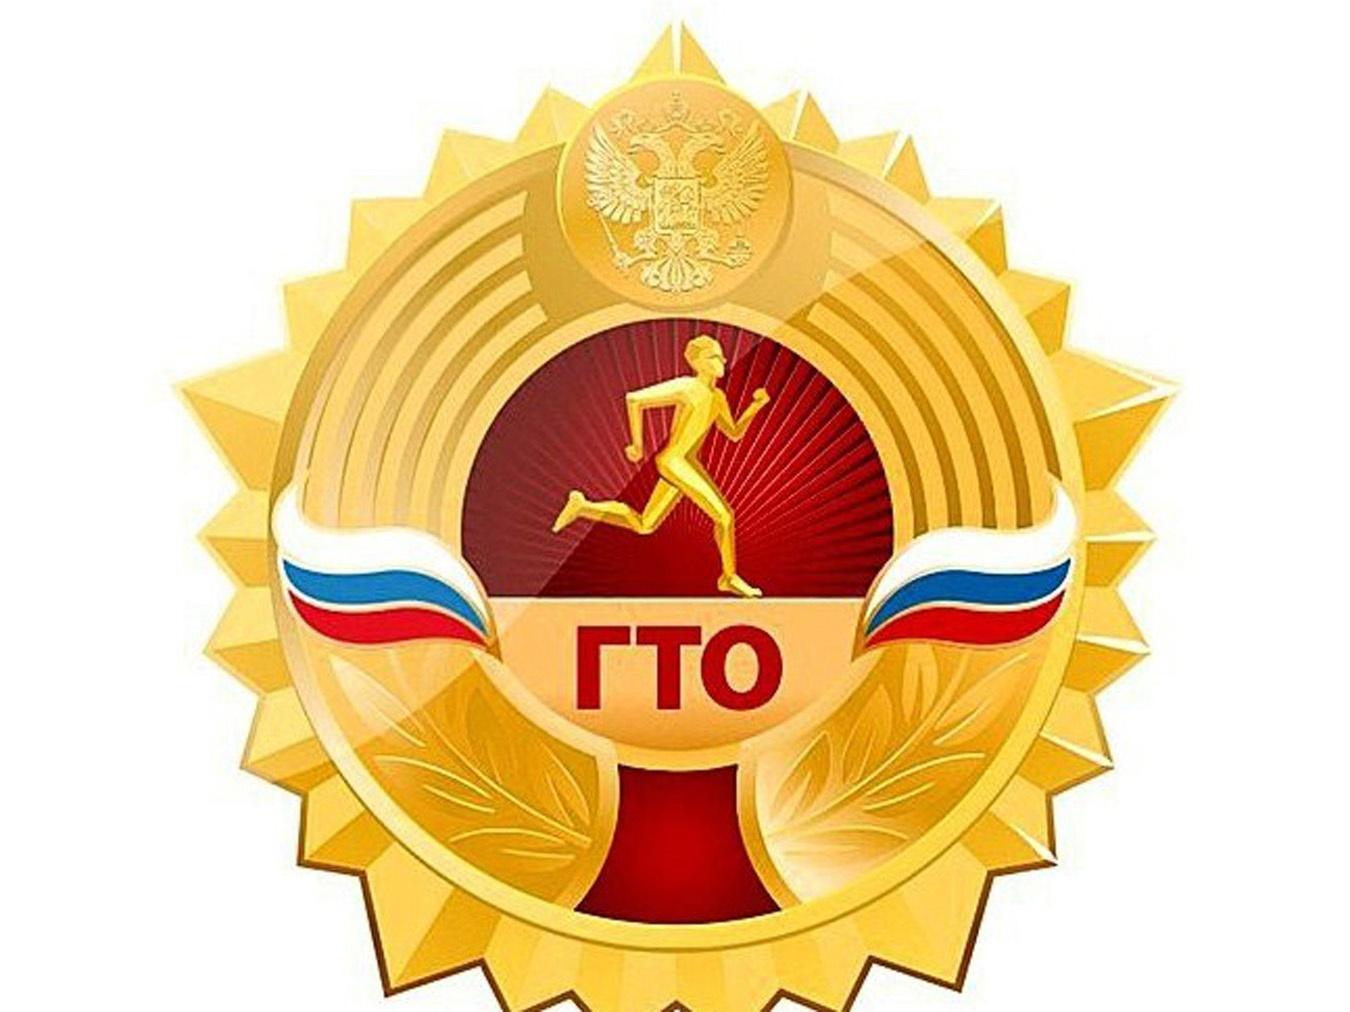 Поздравление победителям гто 76